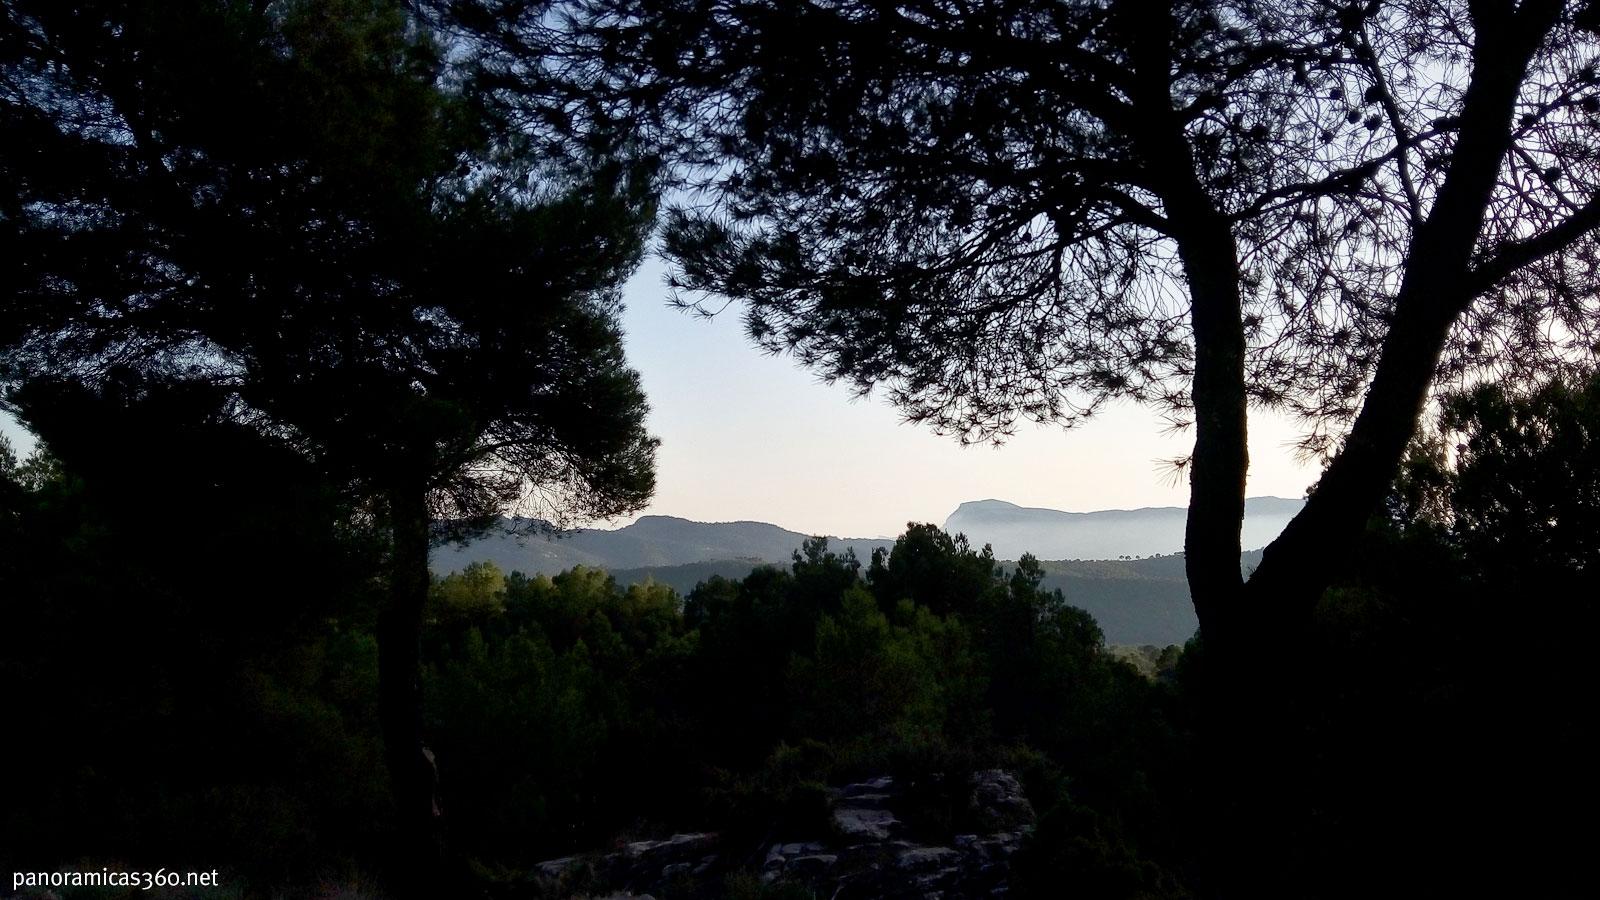 Sierra del Cid encuadrada entre los árboles